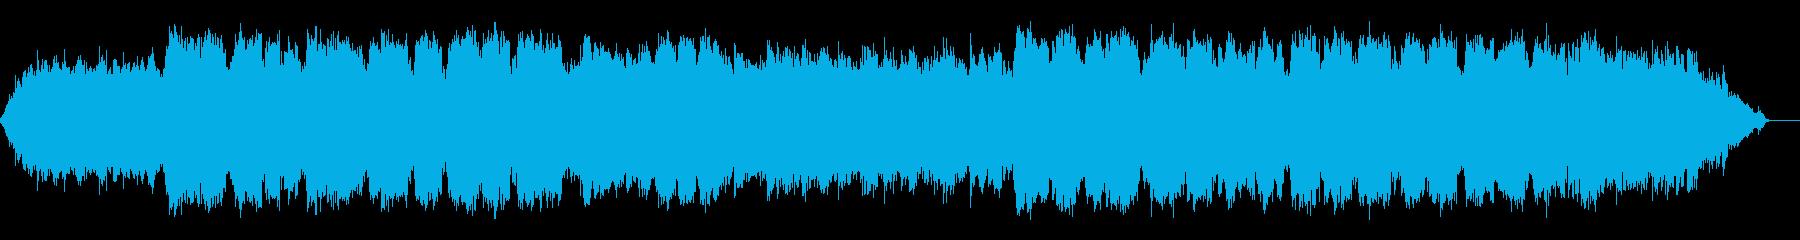 竹笛の低い音色の静かなヒーリング音楽の再生済みの波形